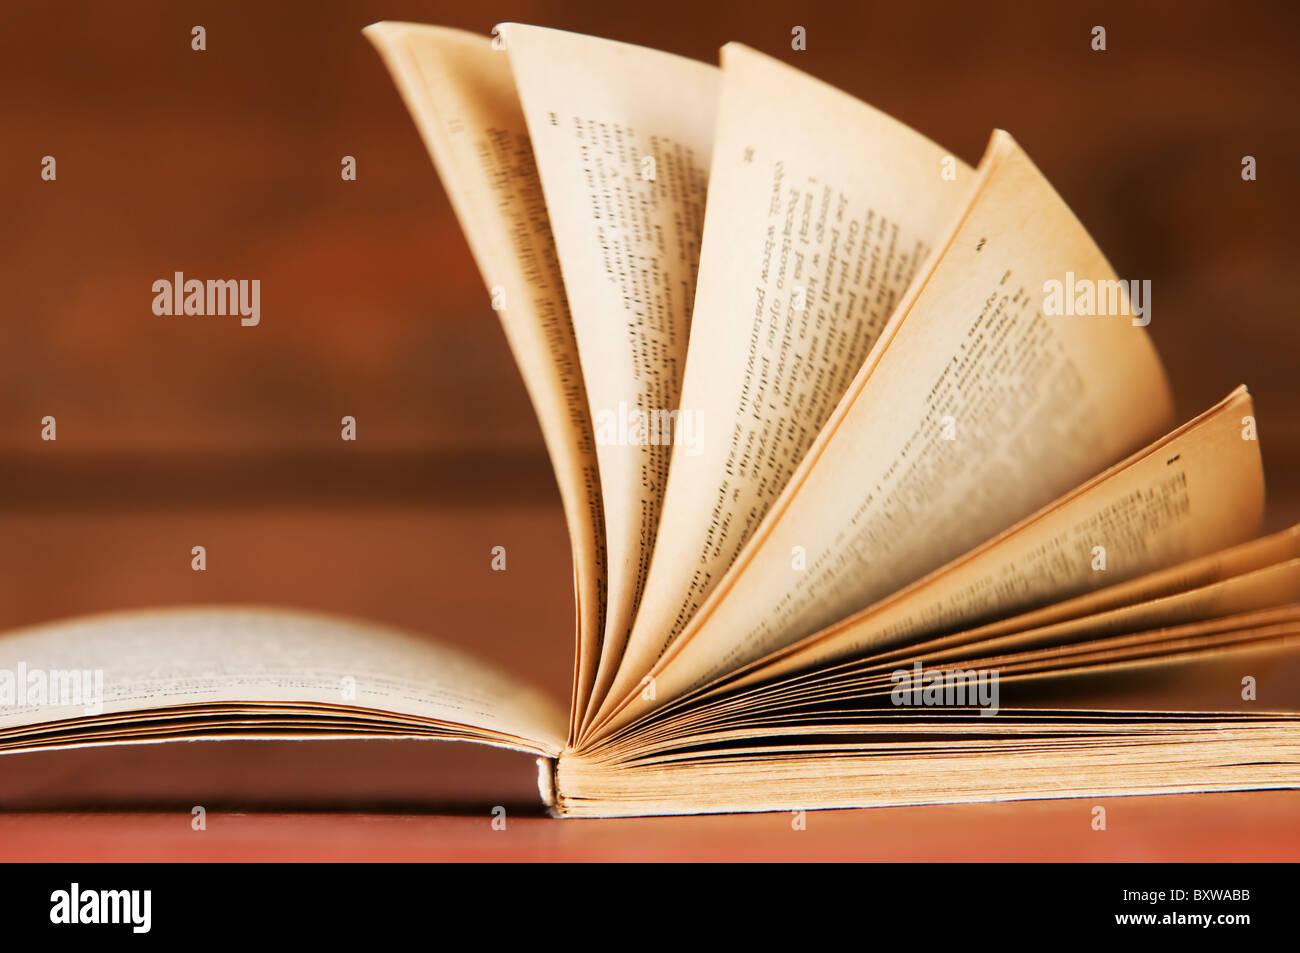 Libro abierto de estilo retro sobre fondo de madera. Conceptos de Educación Imagen De Stock